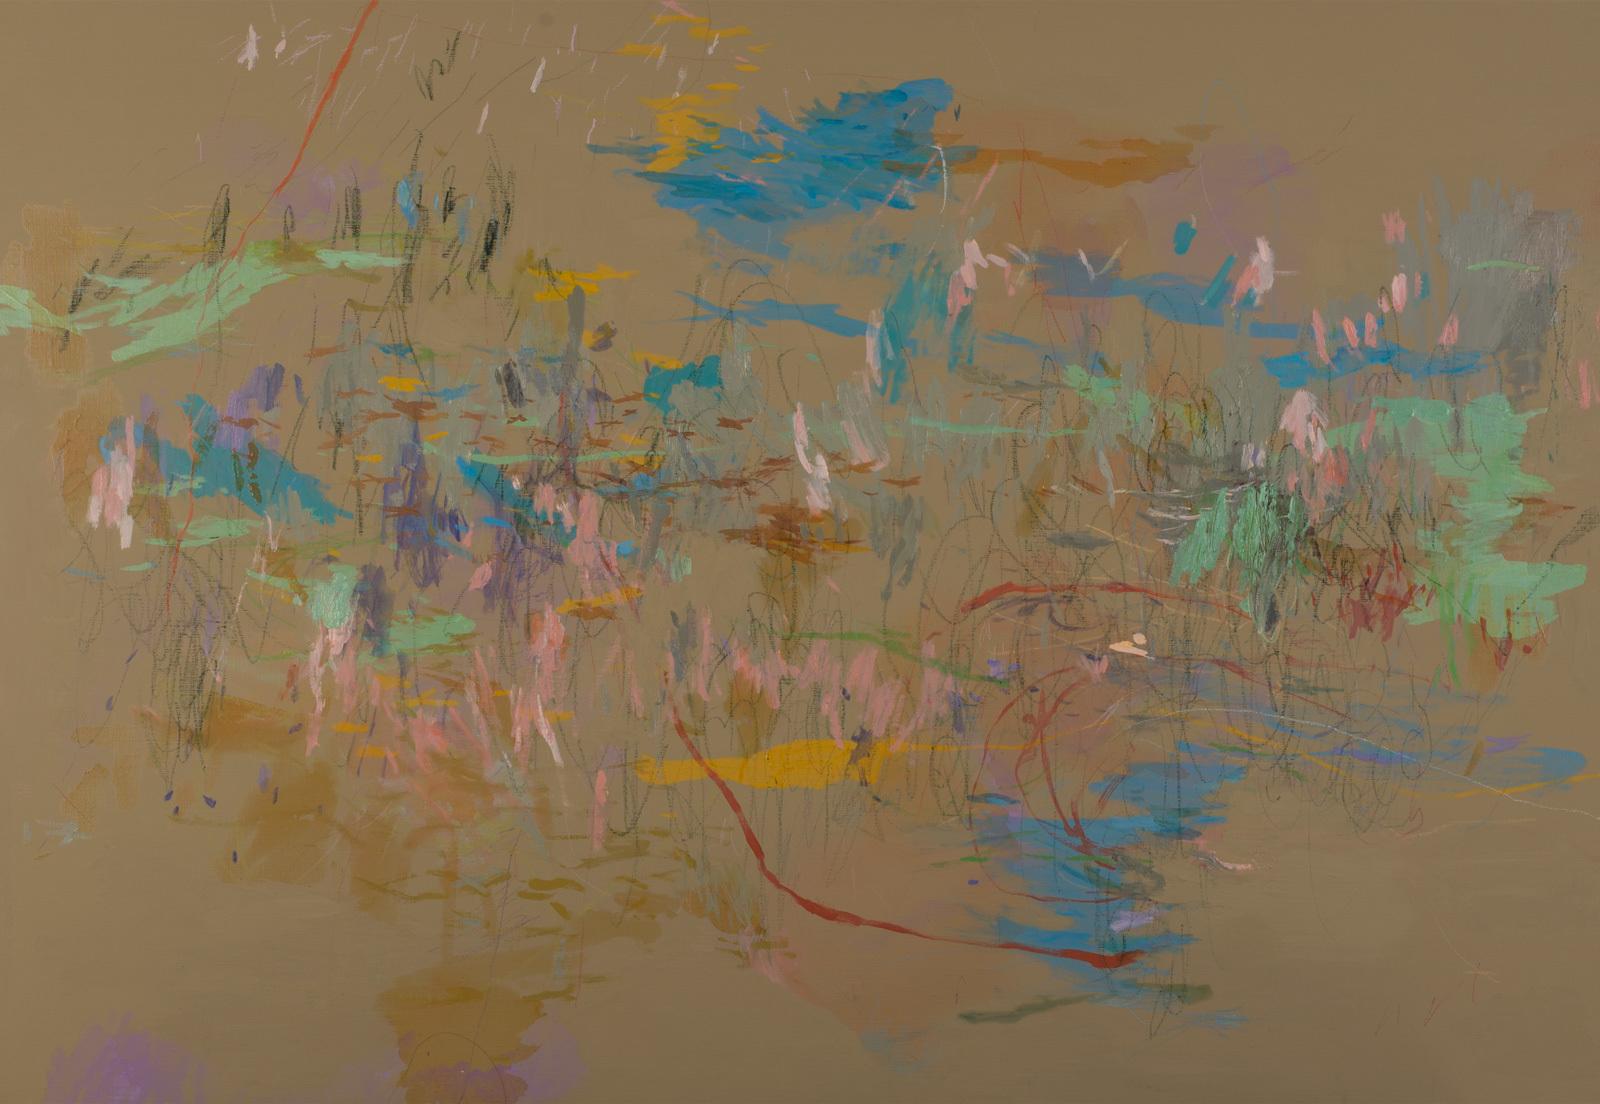 石井トミイ作品展9.28-10.8アートトレイスギャラリー(両国)_e0124863_21274864.jpg